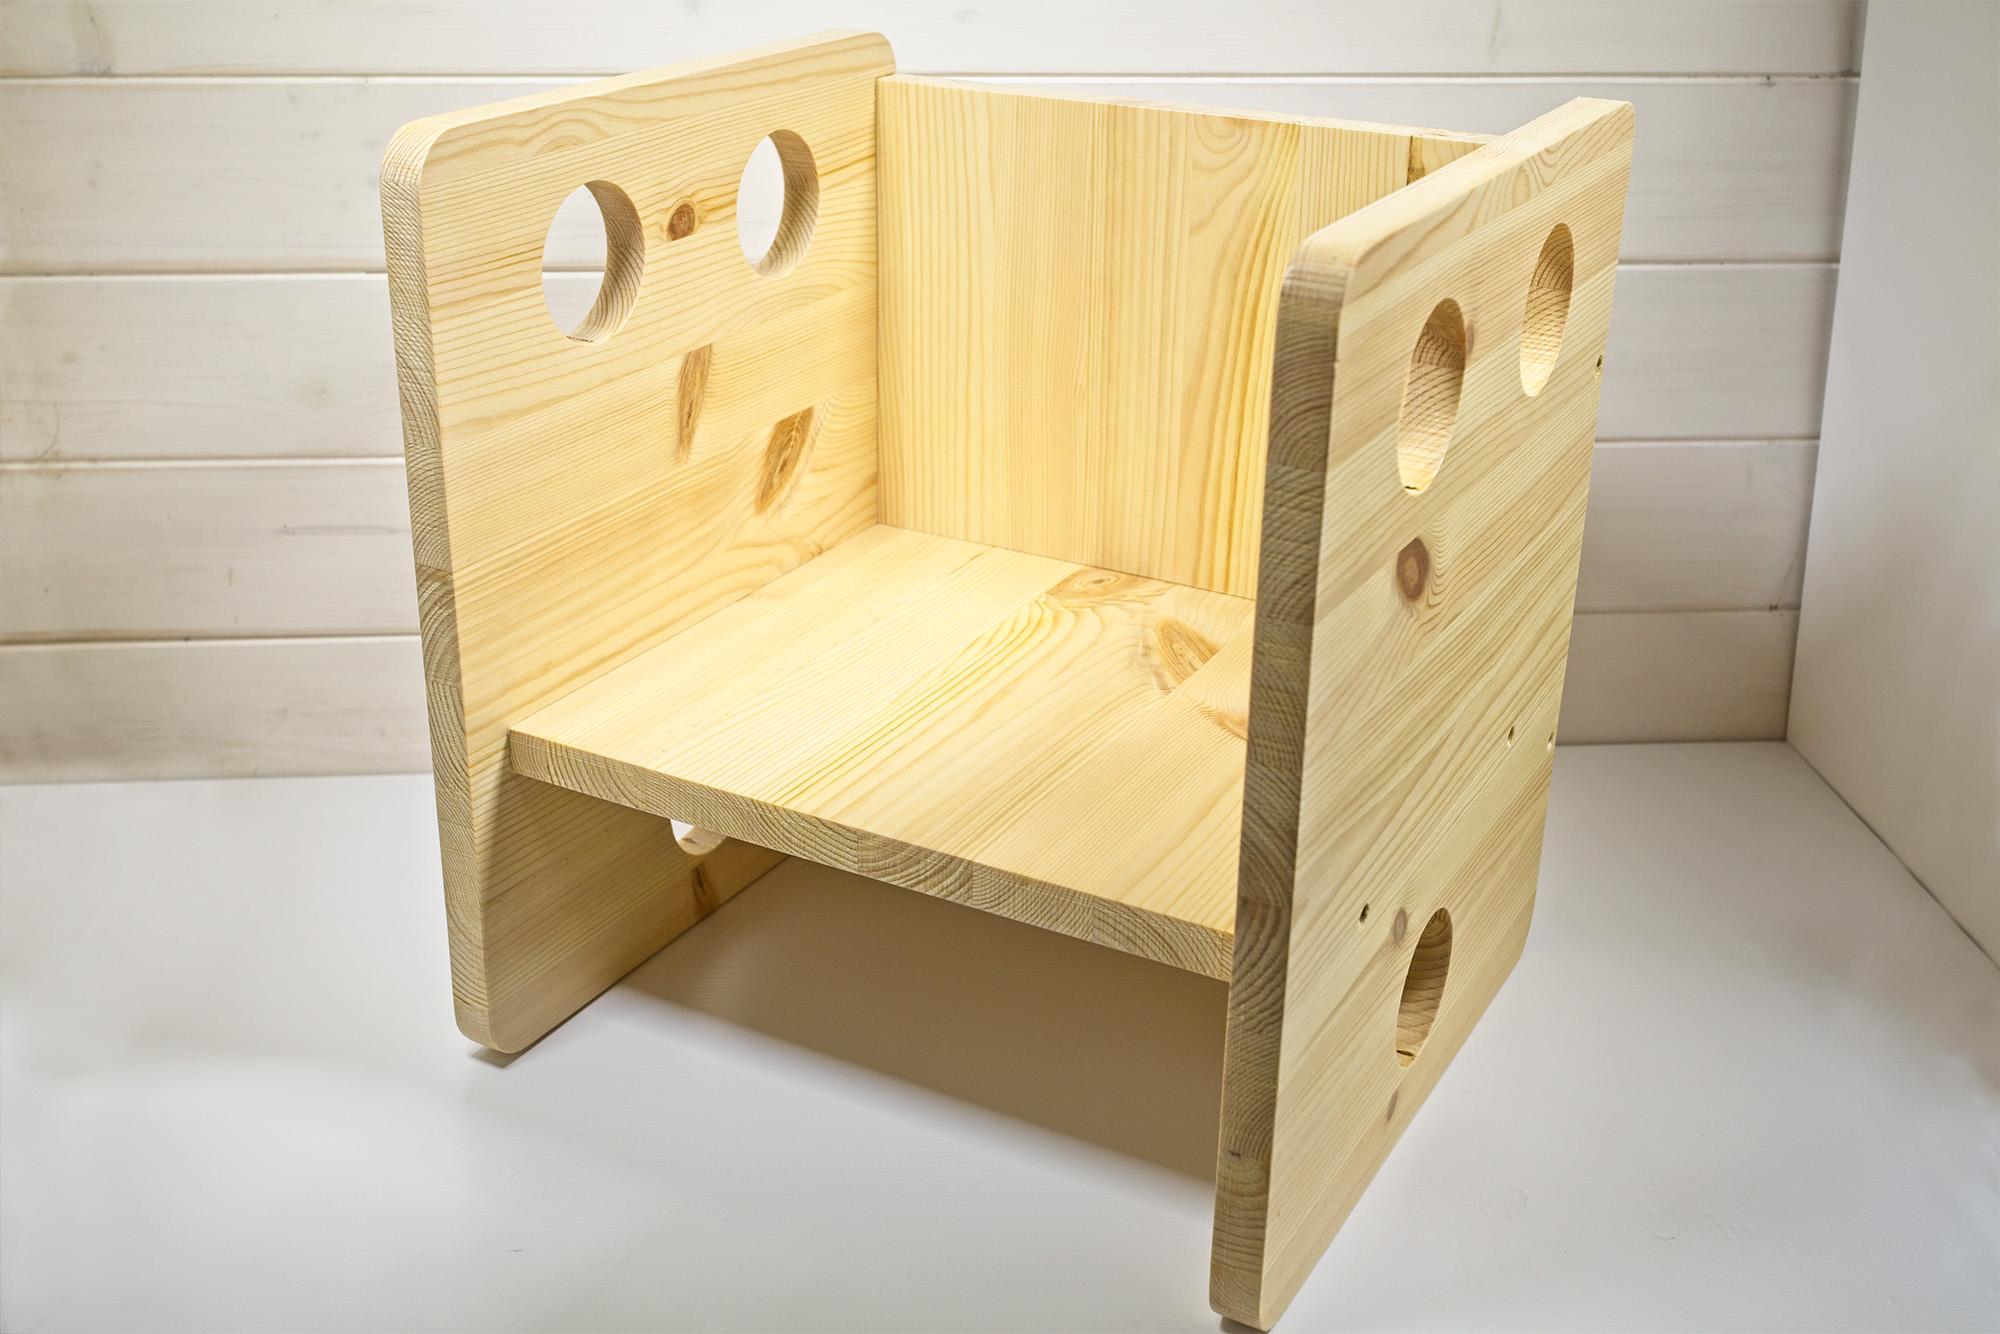 Sedia Cubo Stile Montessori - Cube Chair